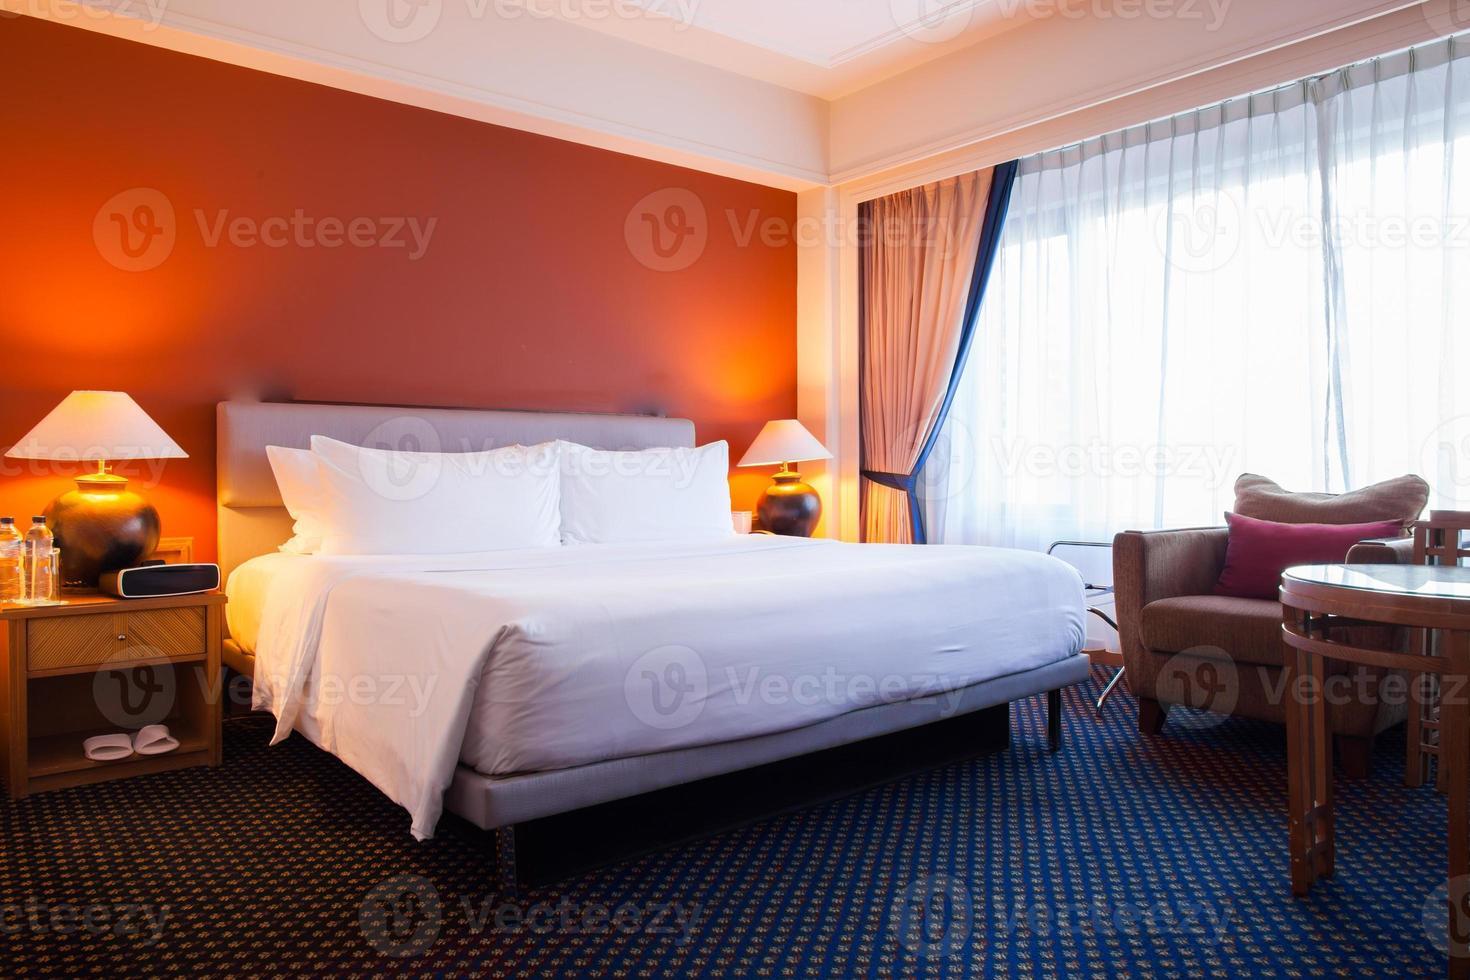 mur orange dans une chambre d'hôtel photo